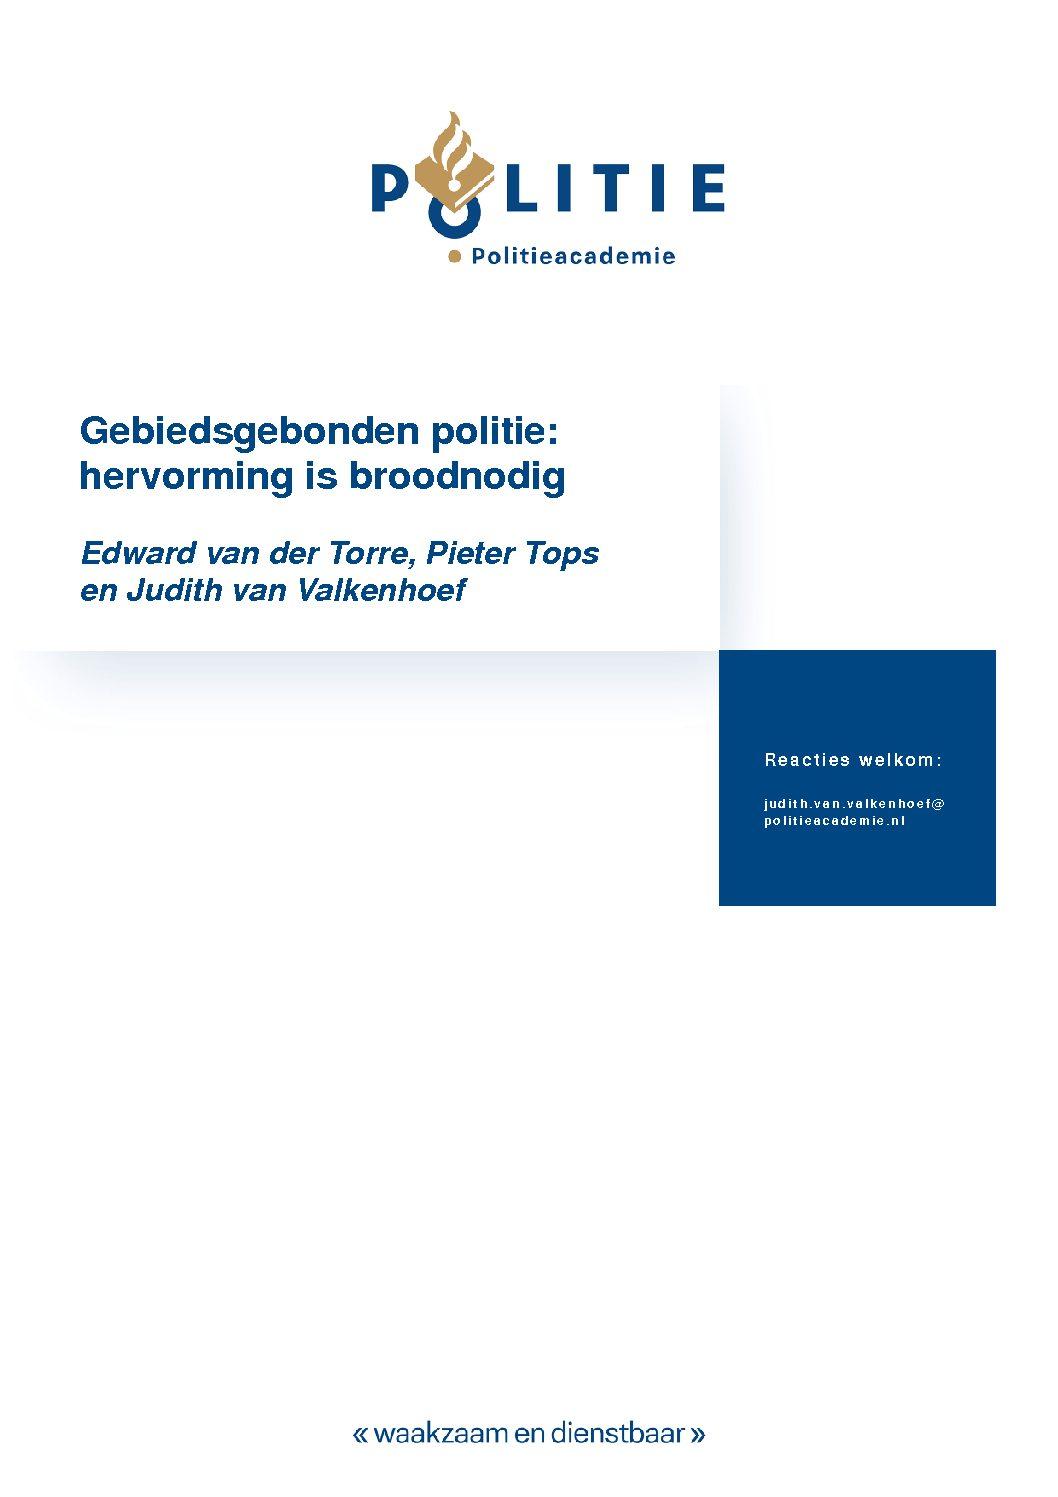 Gebiedsgebonden politie: hervorming is broodnodig, Politieacademie, 2018.